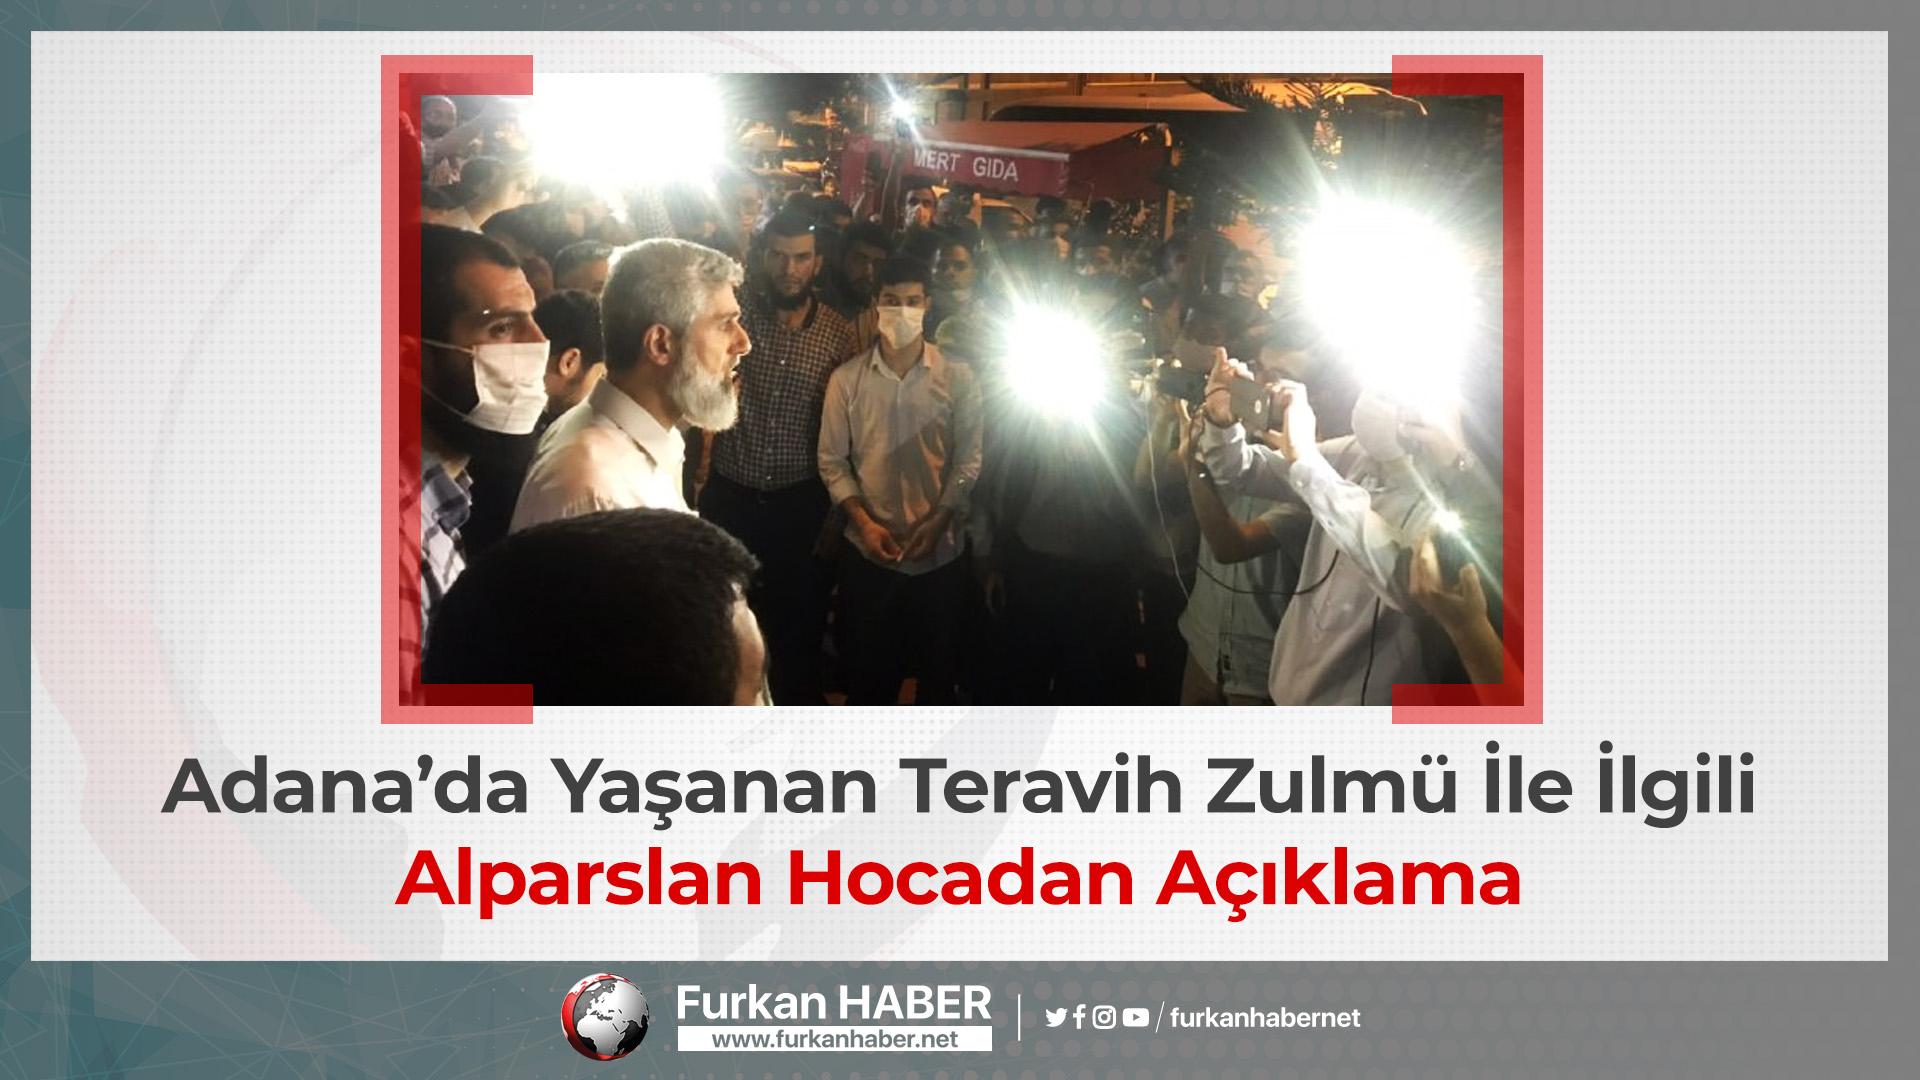 Adana'da Yaşanan Teravih Zulmü İle İlgili Alparslan Hocadan Açıklama